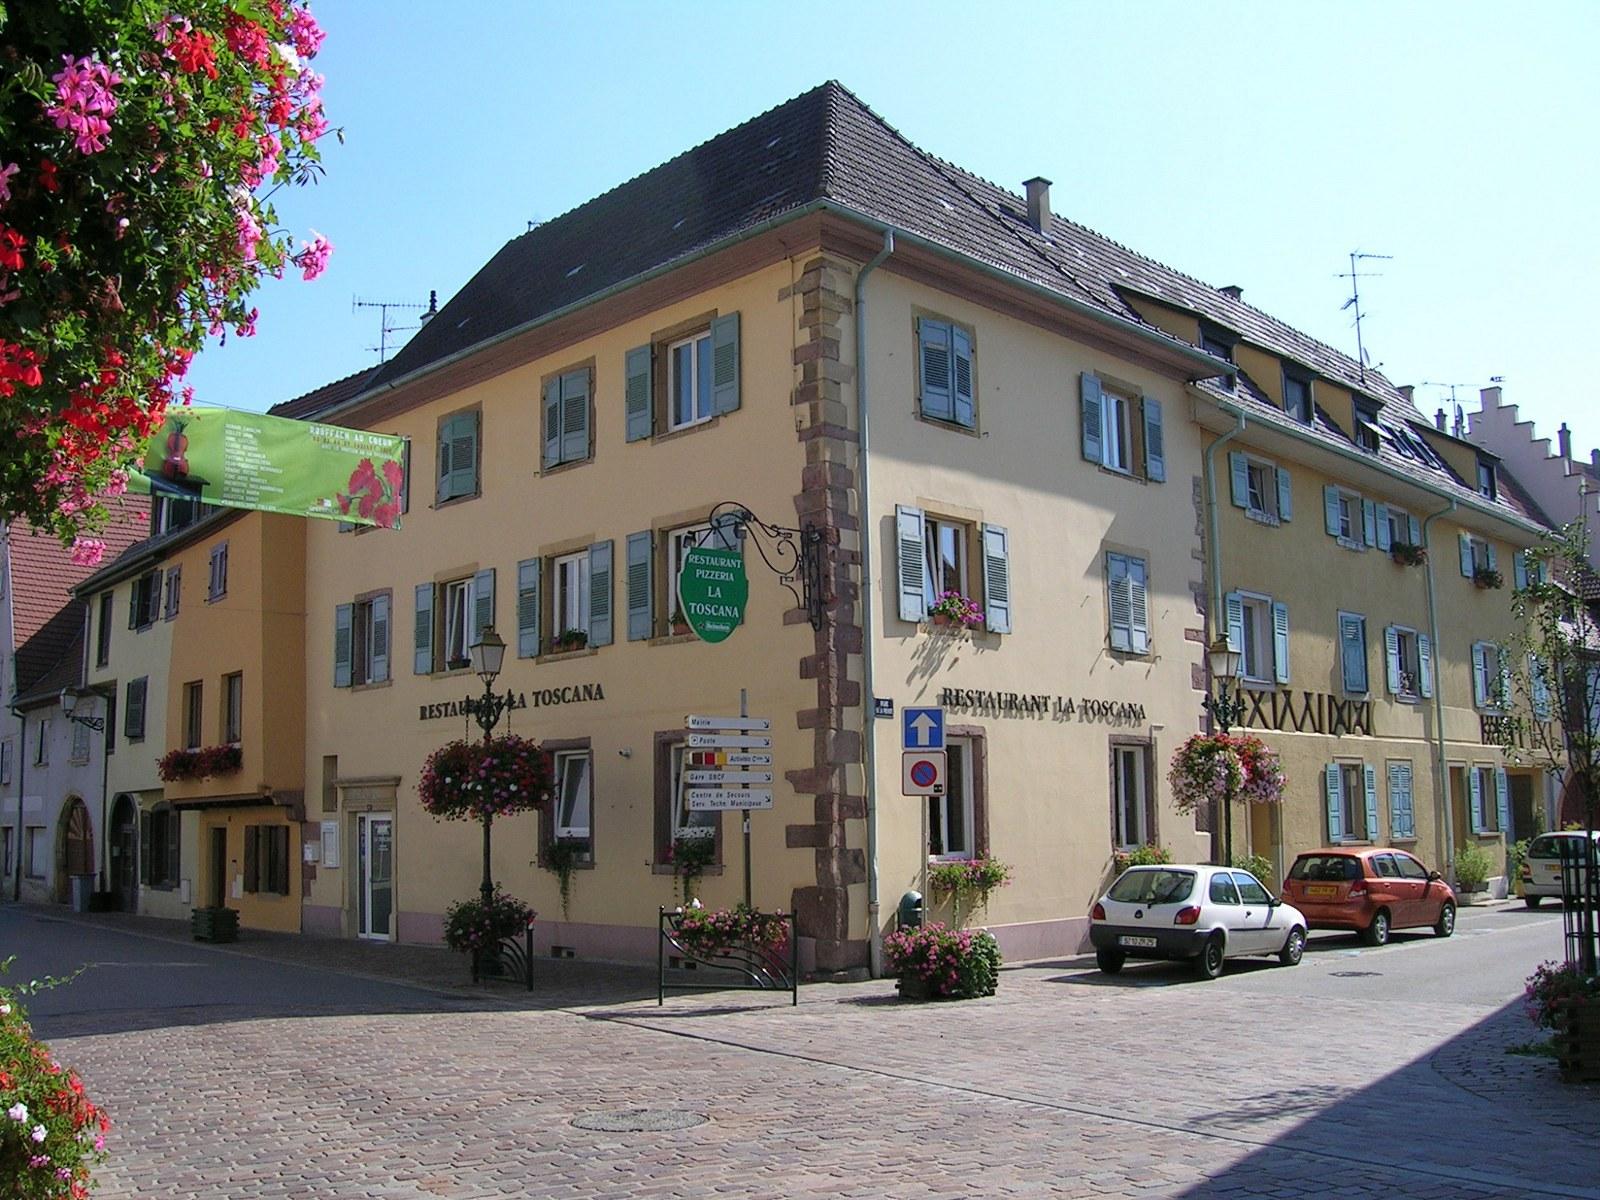 Pizzeria La Toscana, Rouffach, Pays de Rouffach, Vignobles et Châteaux, Haut-Rhin, Alsace